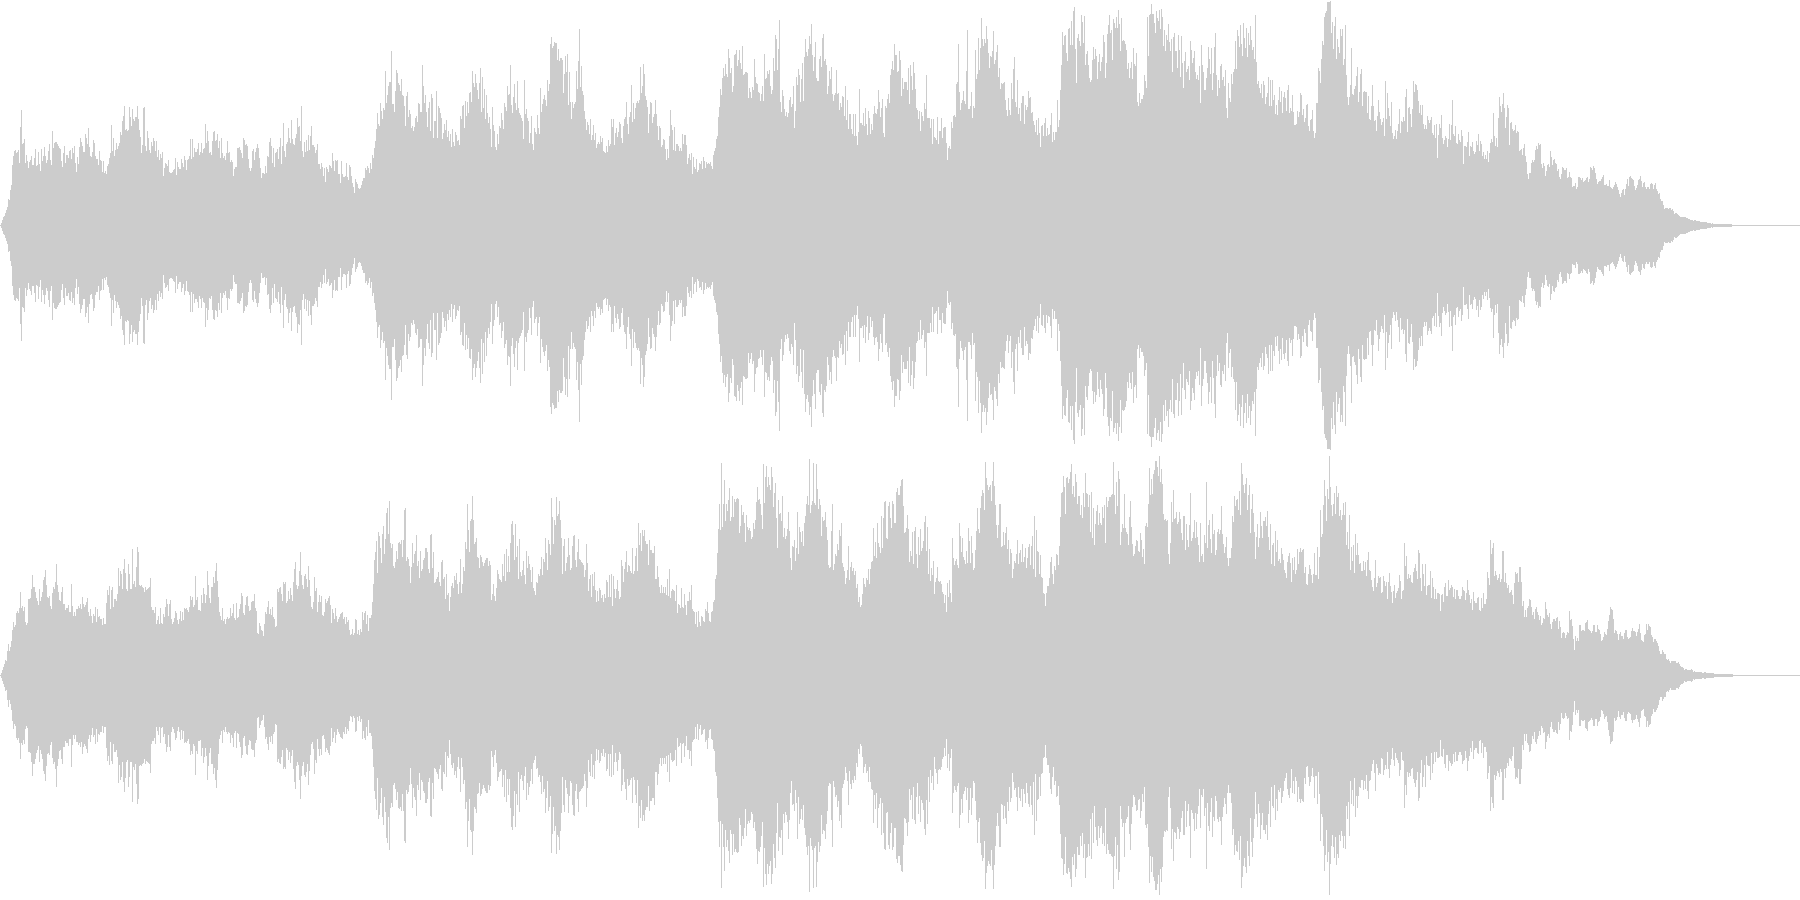 オーケストラ 成功 功績 旅の終わりにの未再生の波形